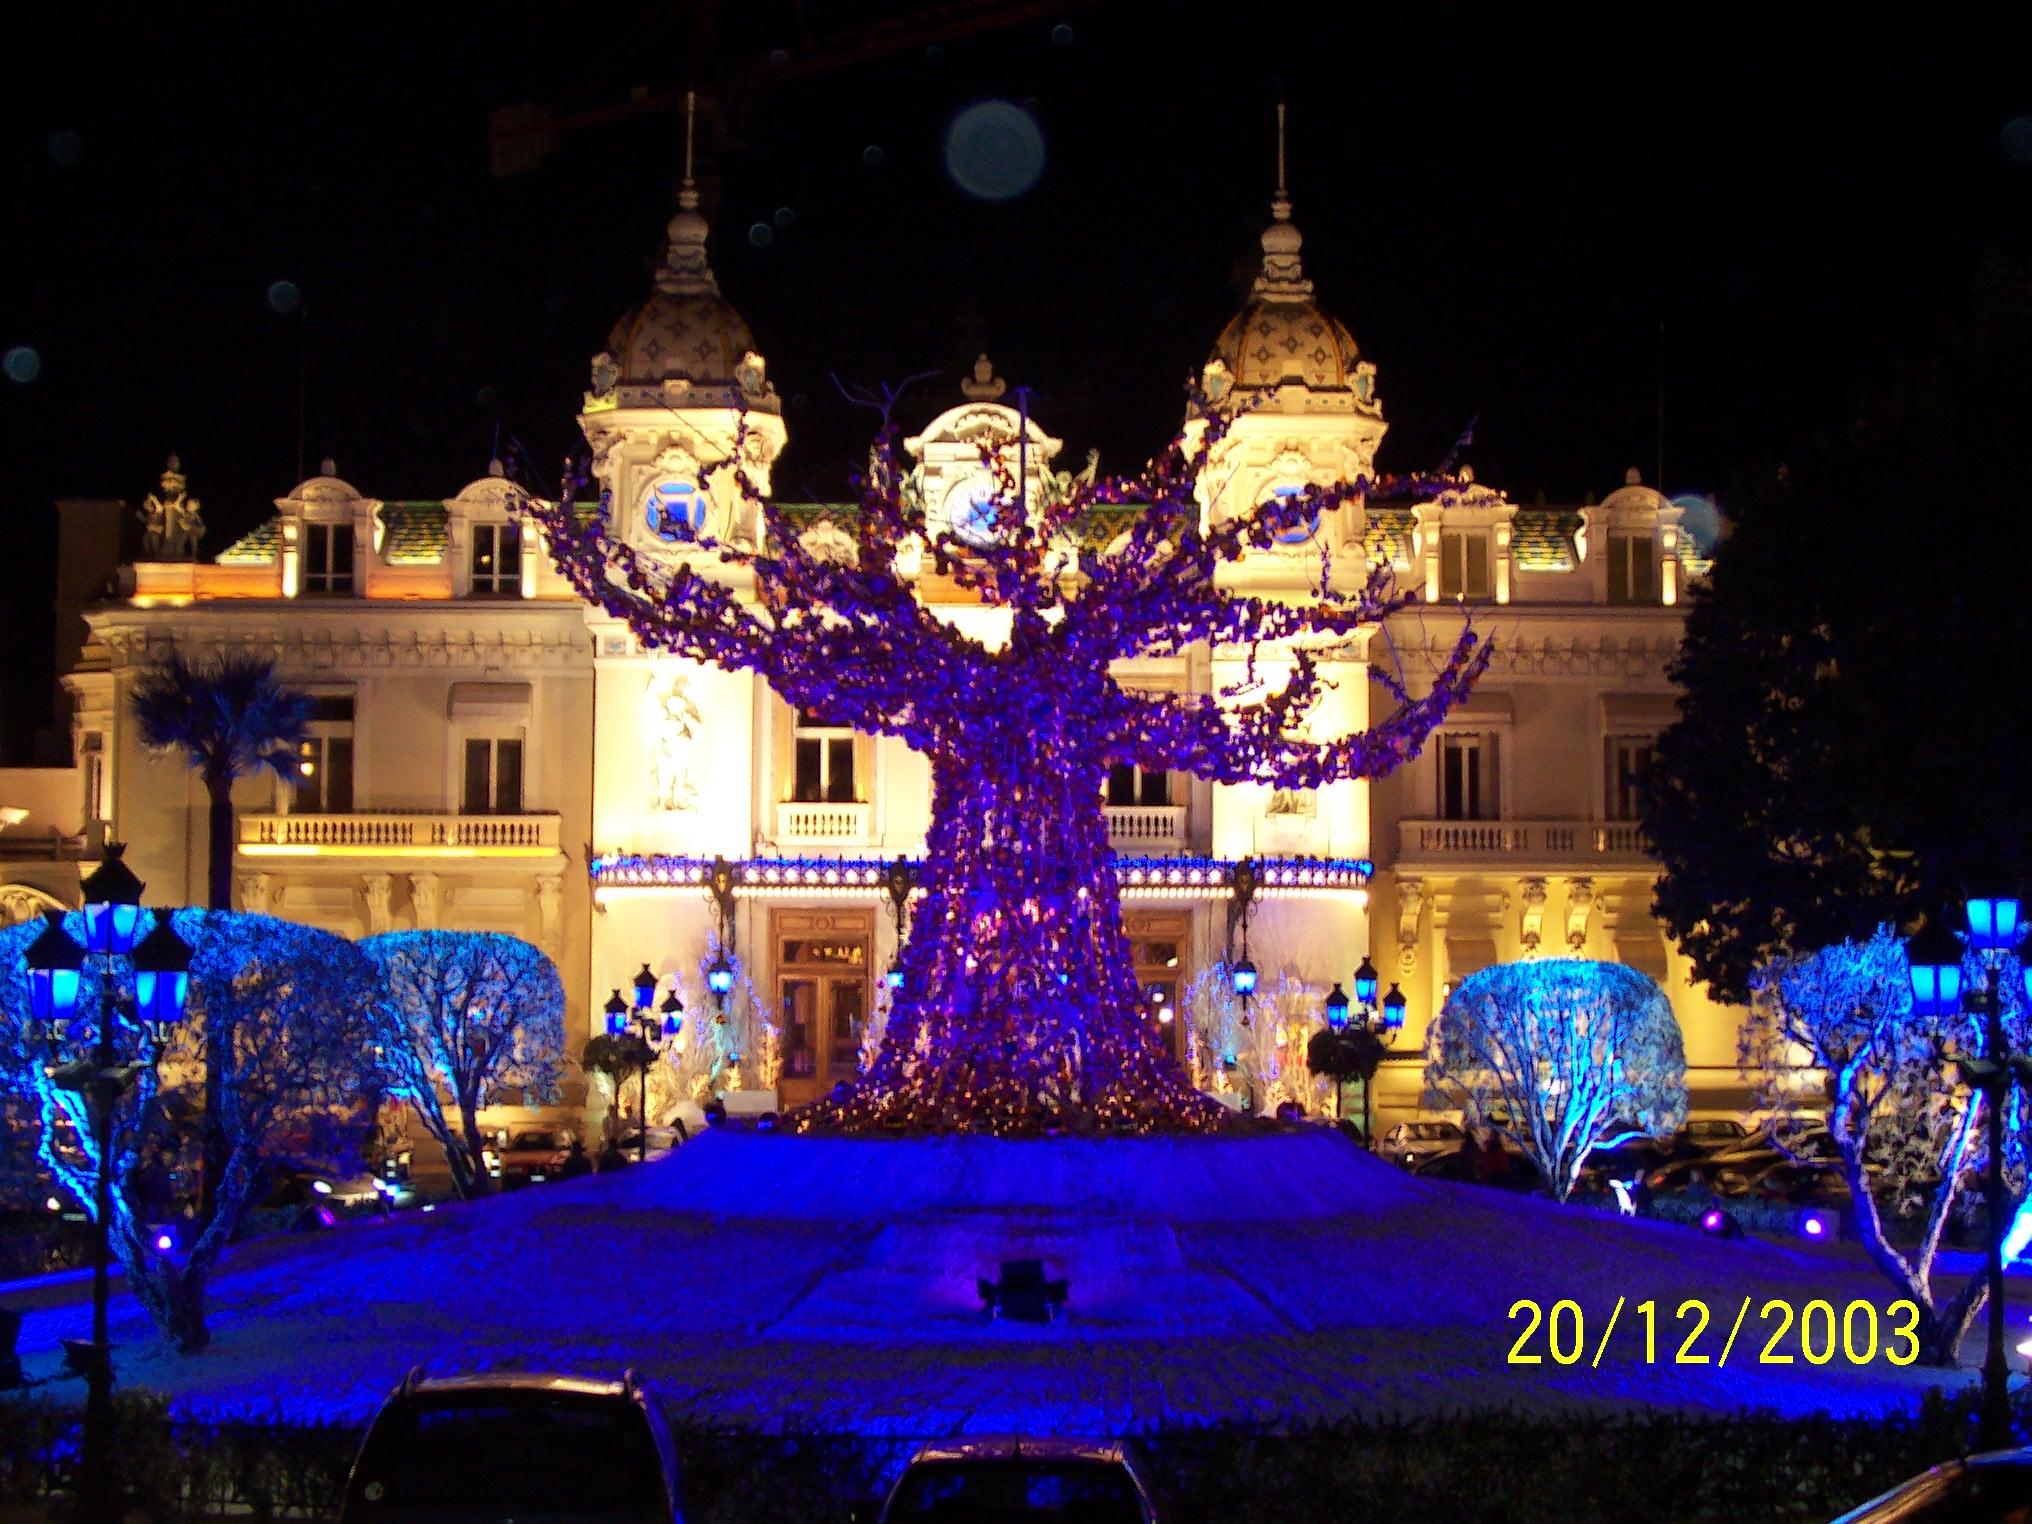 Nice Christmas Tree file:mc casino, nice christmas tree 2003 - panoramio